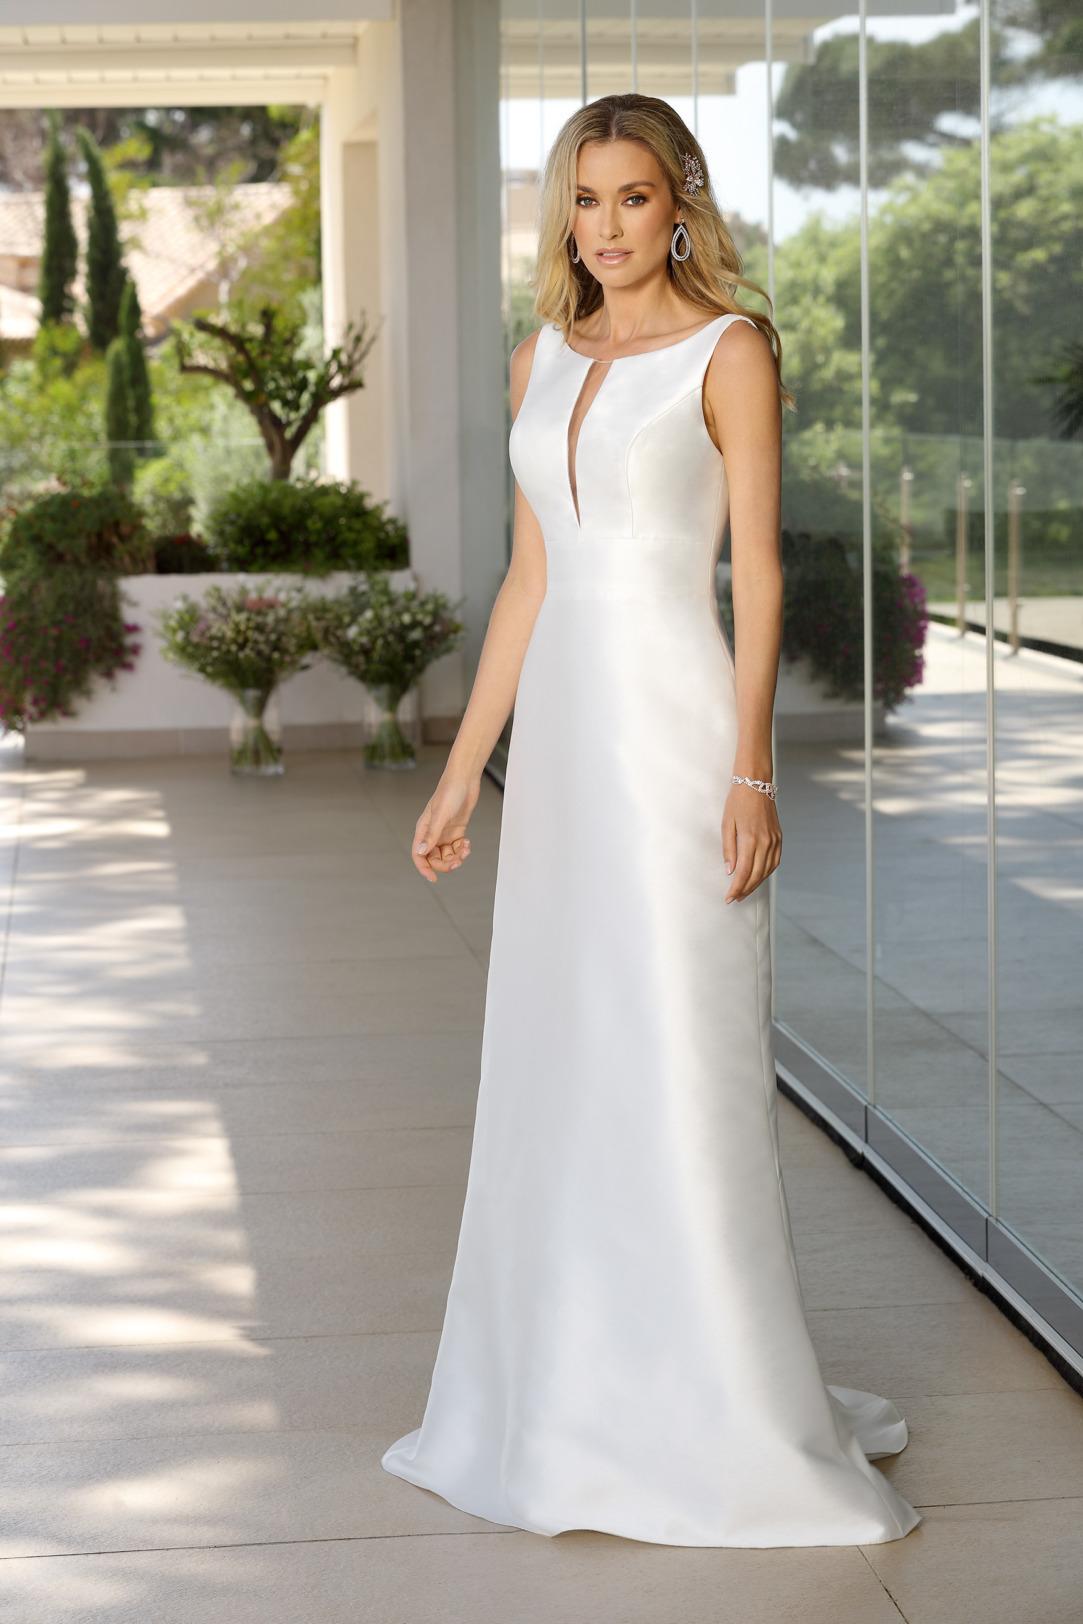 Brautkleider Hochzeitskleider Ladybird Empire Stil Style Form lang sehr schlicht Satin 50er Jahre Stil ohne Schleppe Seitenansicht vorne